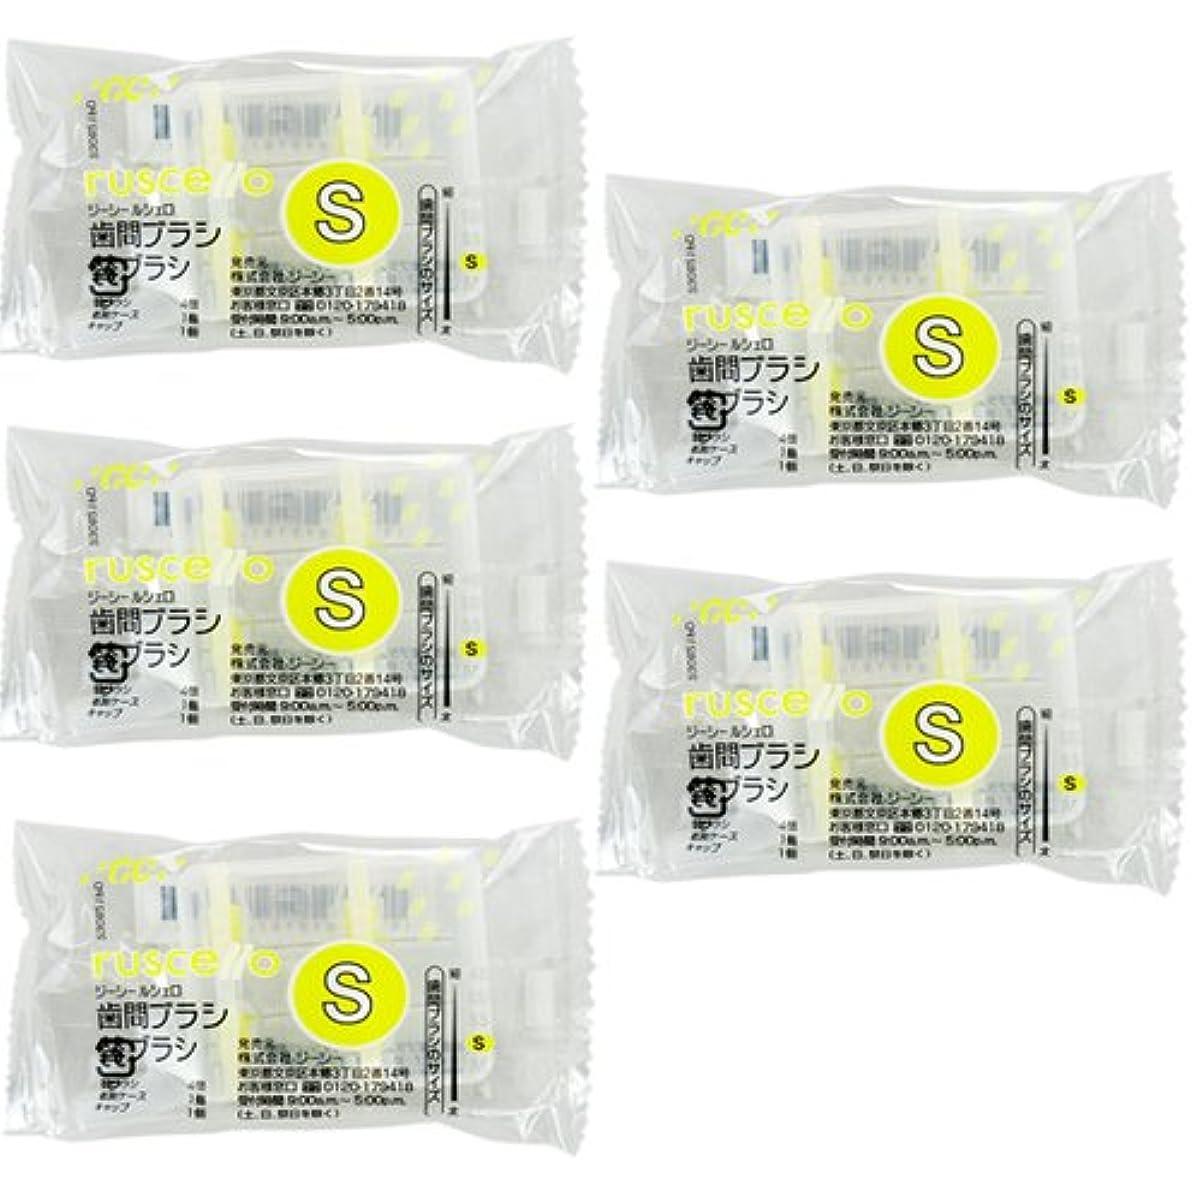 完璧反毒コンペGC ジーシー ルシェロ歯間ブラシ 替えブラシ(4個入) × 5個セット S